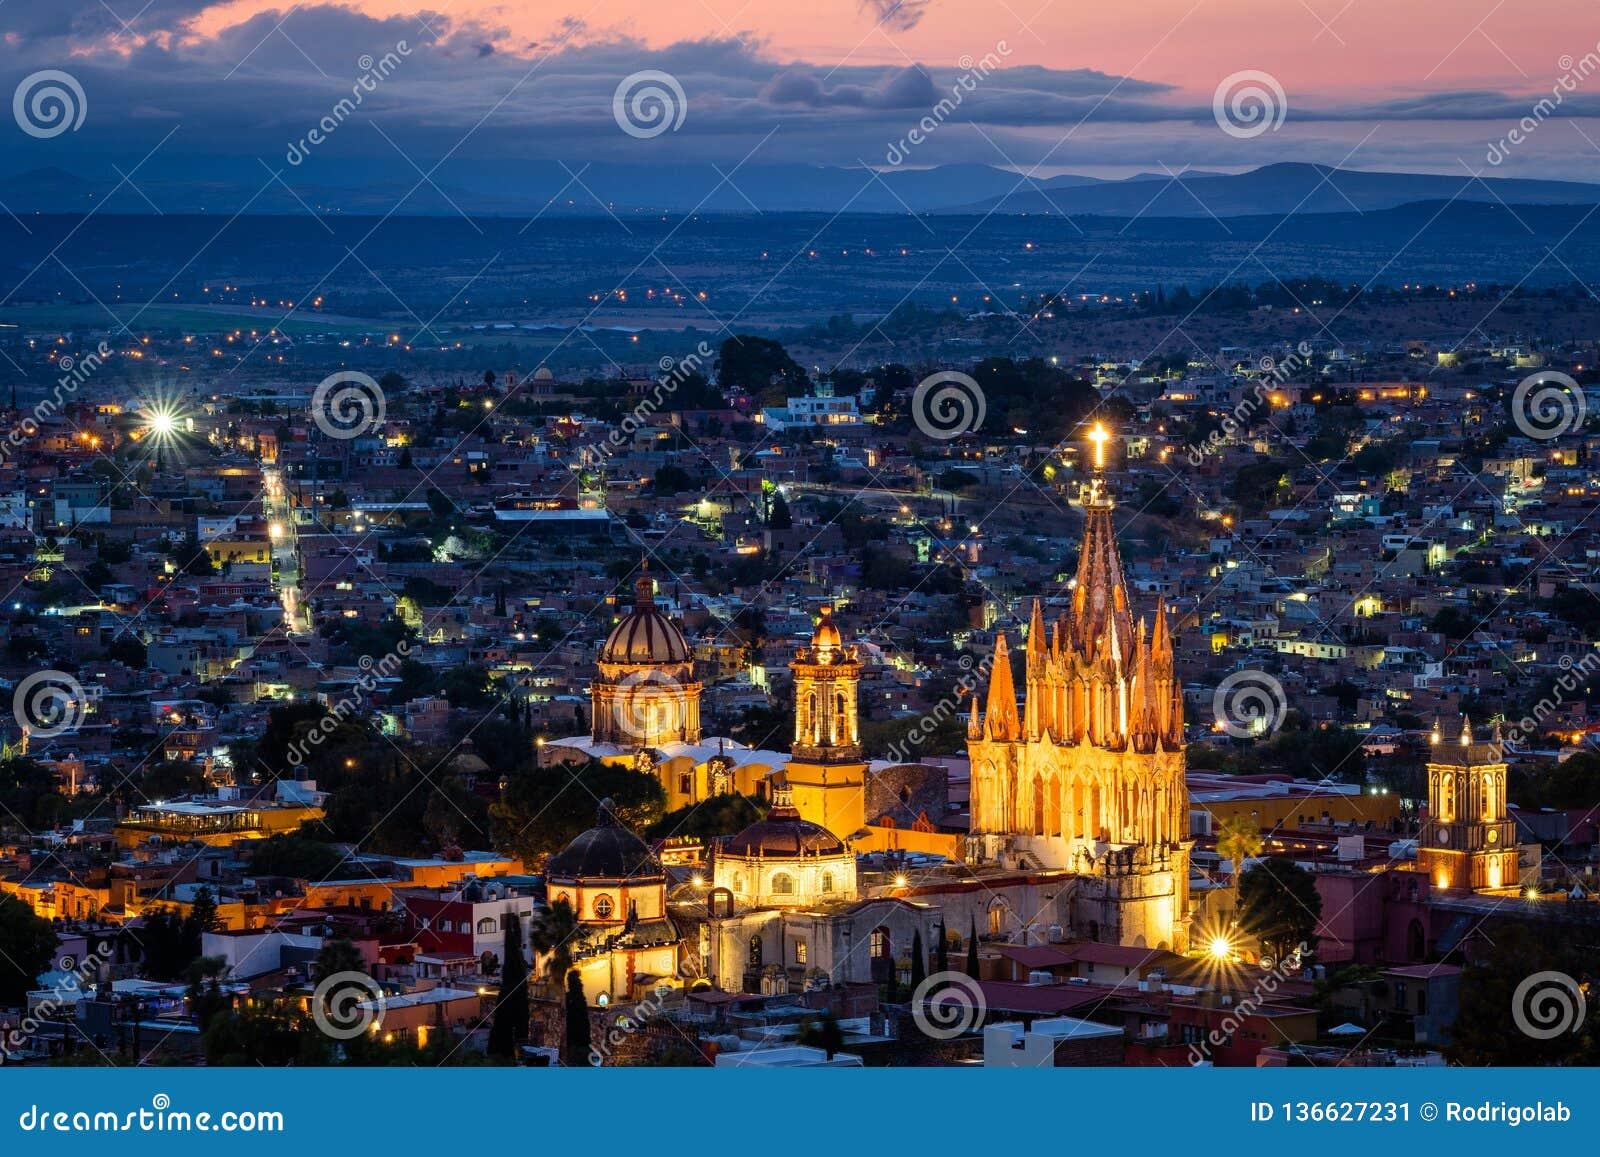 黄昏的圣米格尔德阿连德,瓜纳华托州,墨西哥